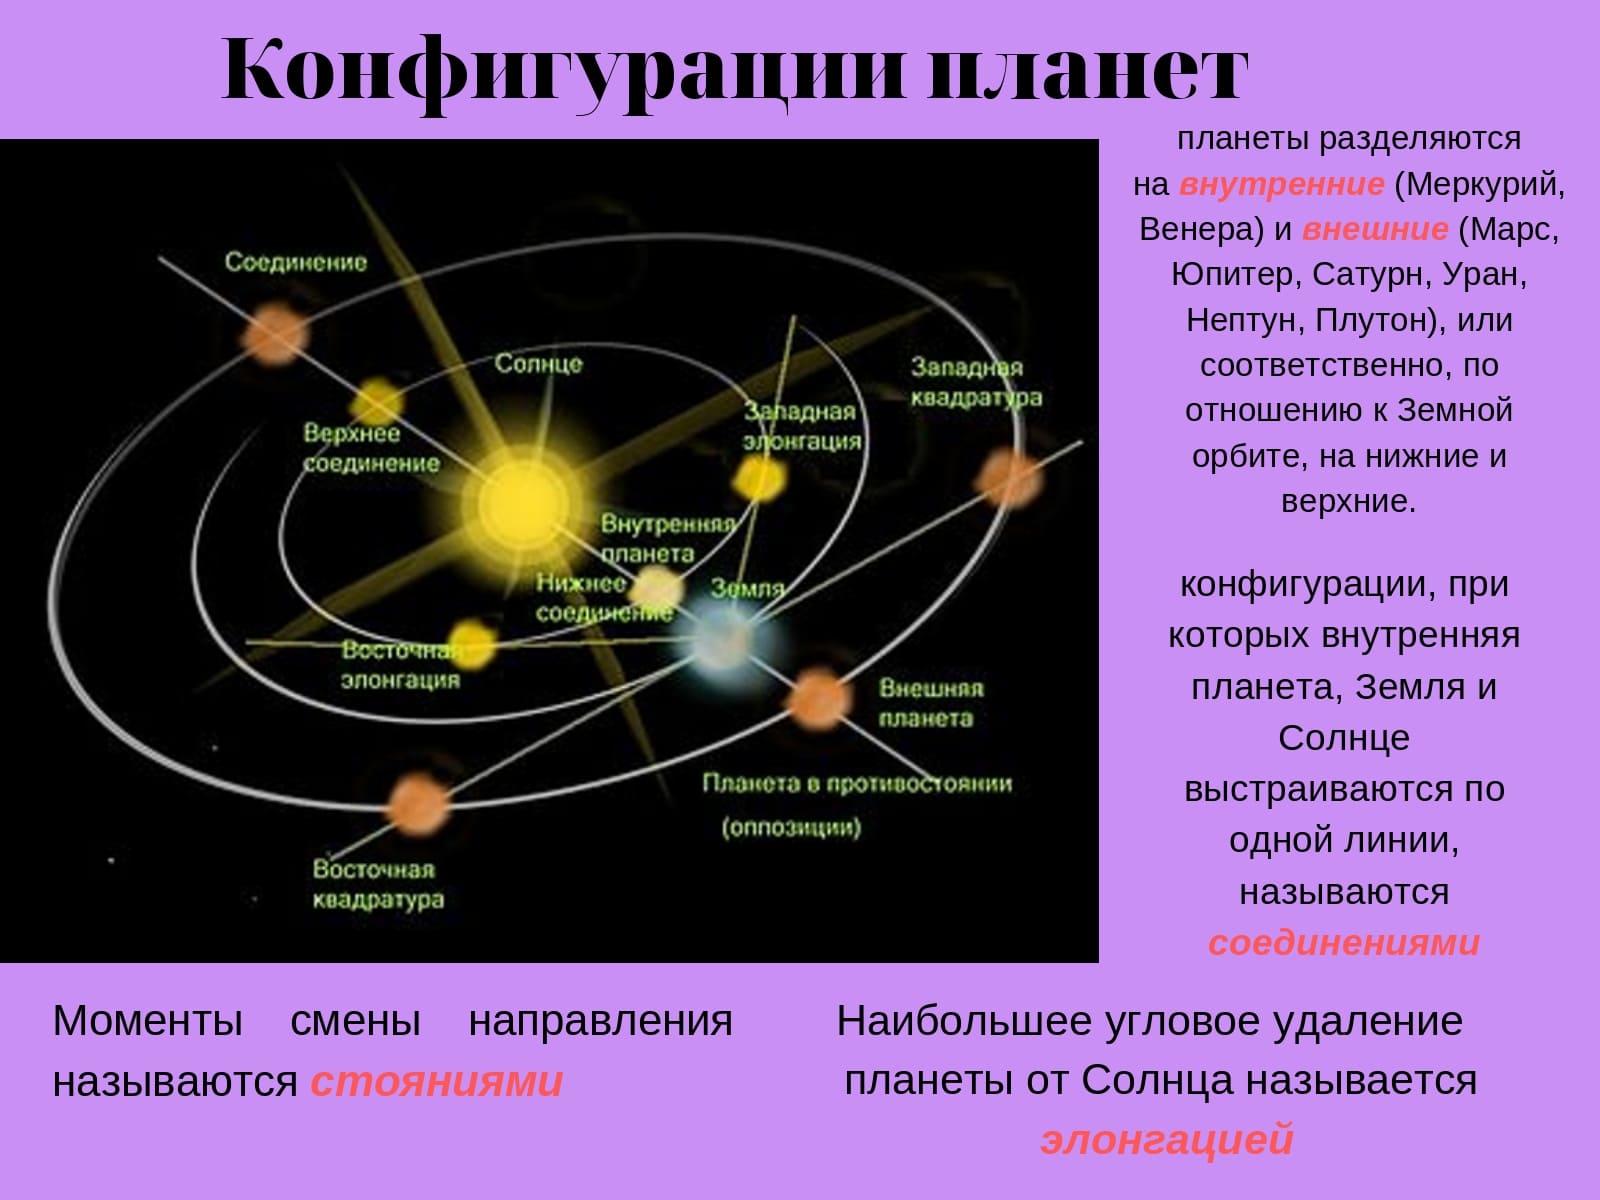 Конфигурация планет